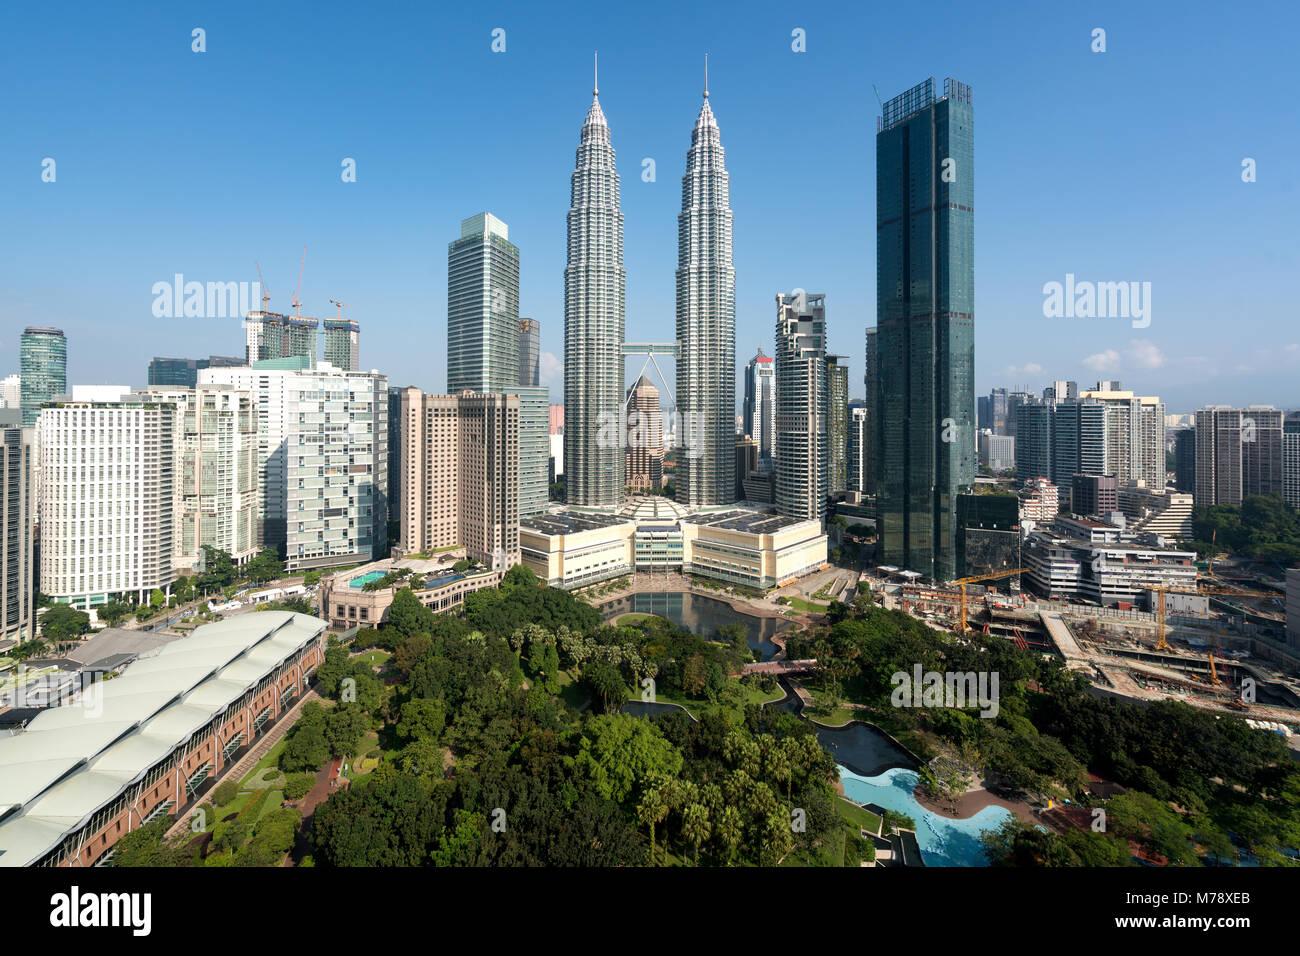 El horizonte de la ciudad de Kuala Lumpur y la construcción de rascacielos en el centro del distrito de negocios Imagen De Stock